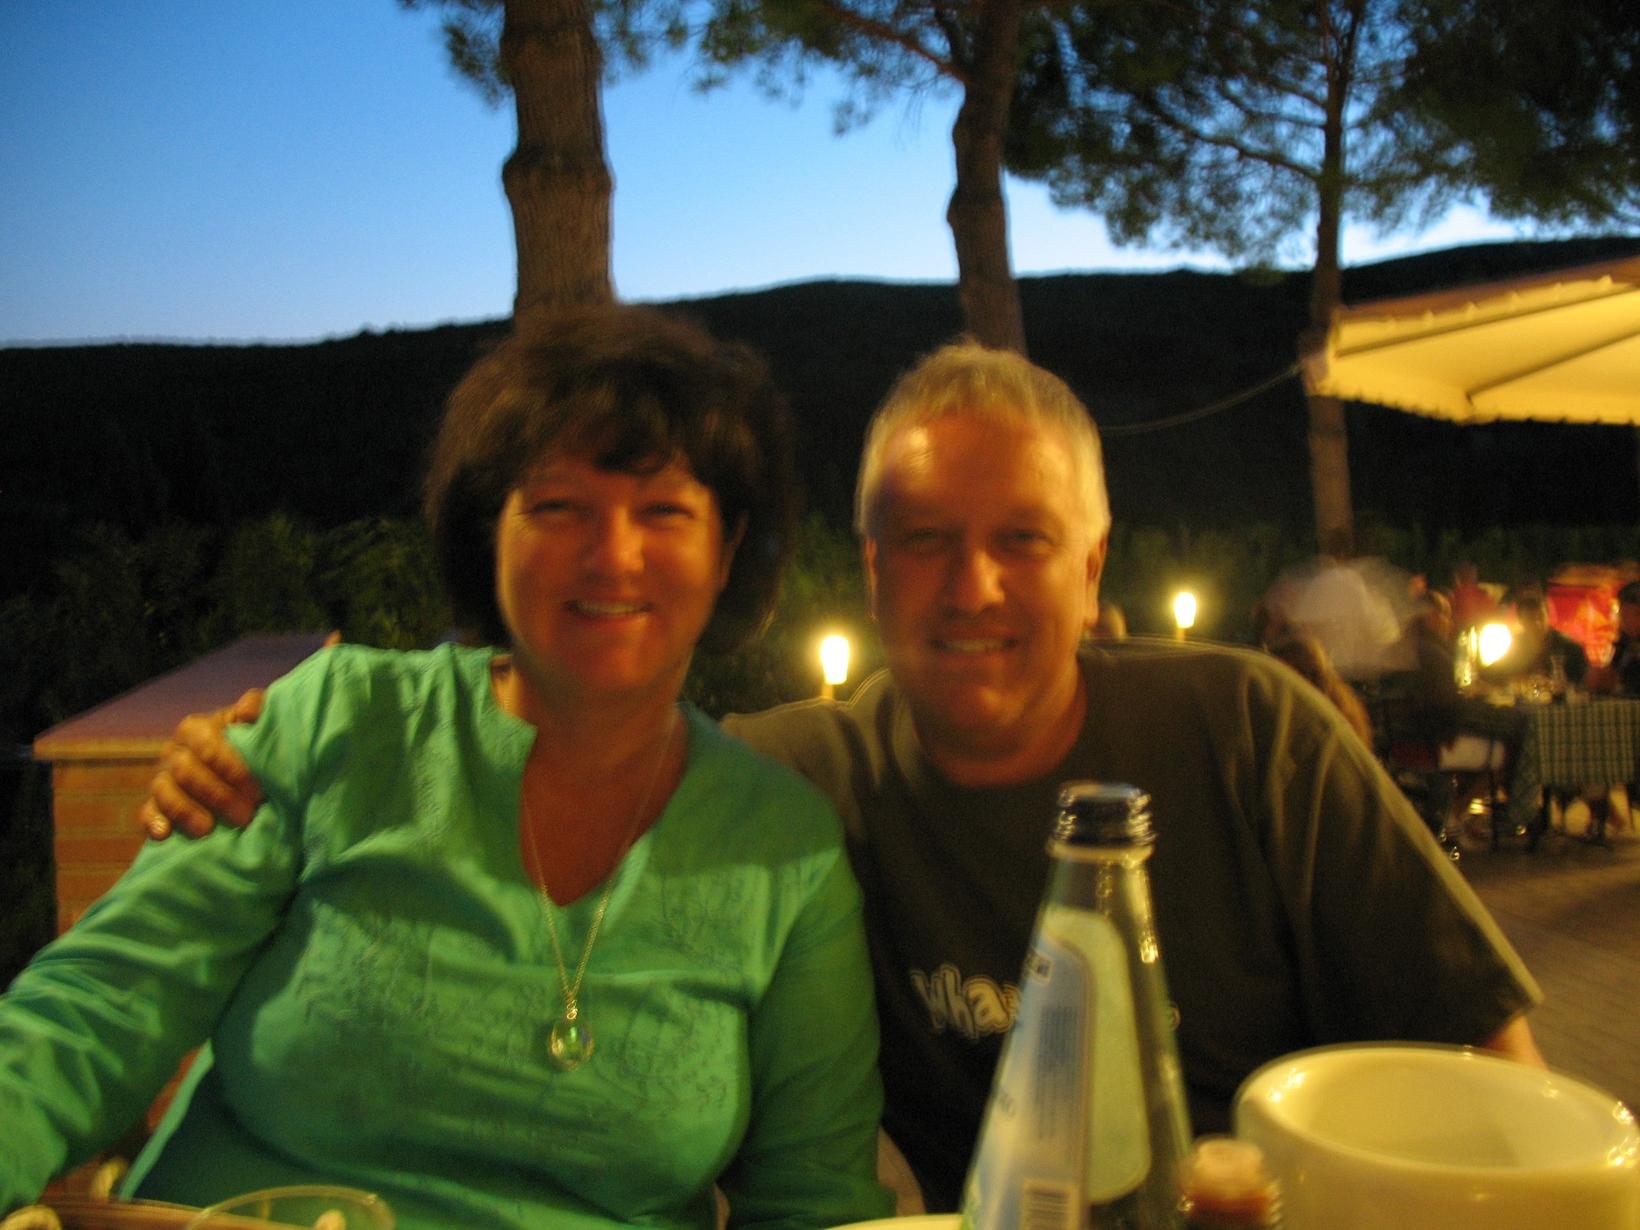 Moira & chris & Chris from Vange, United Kingdom